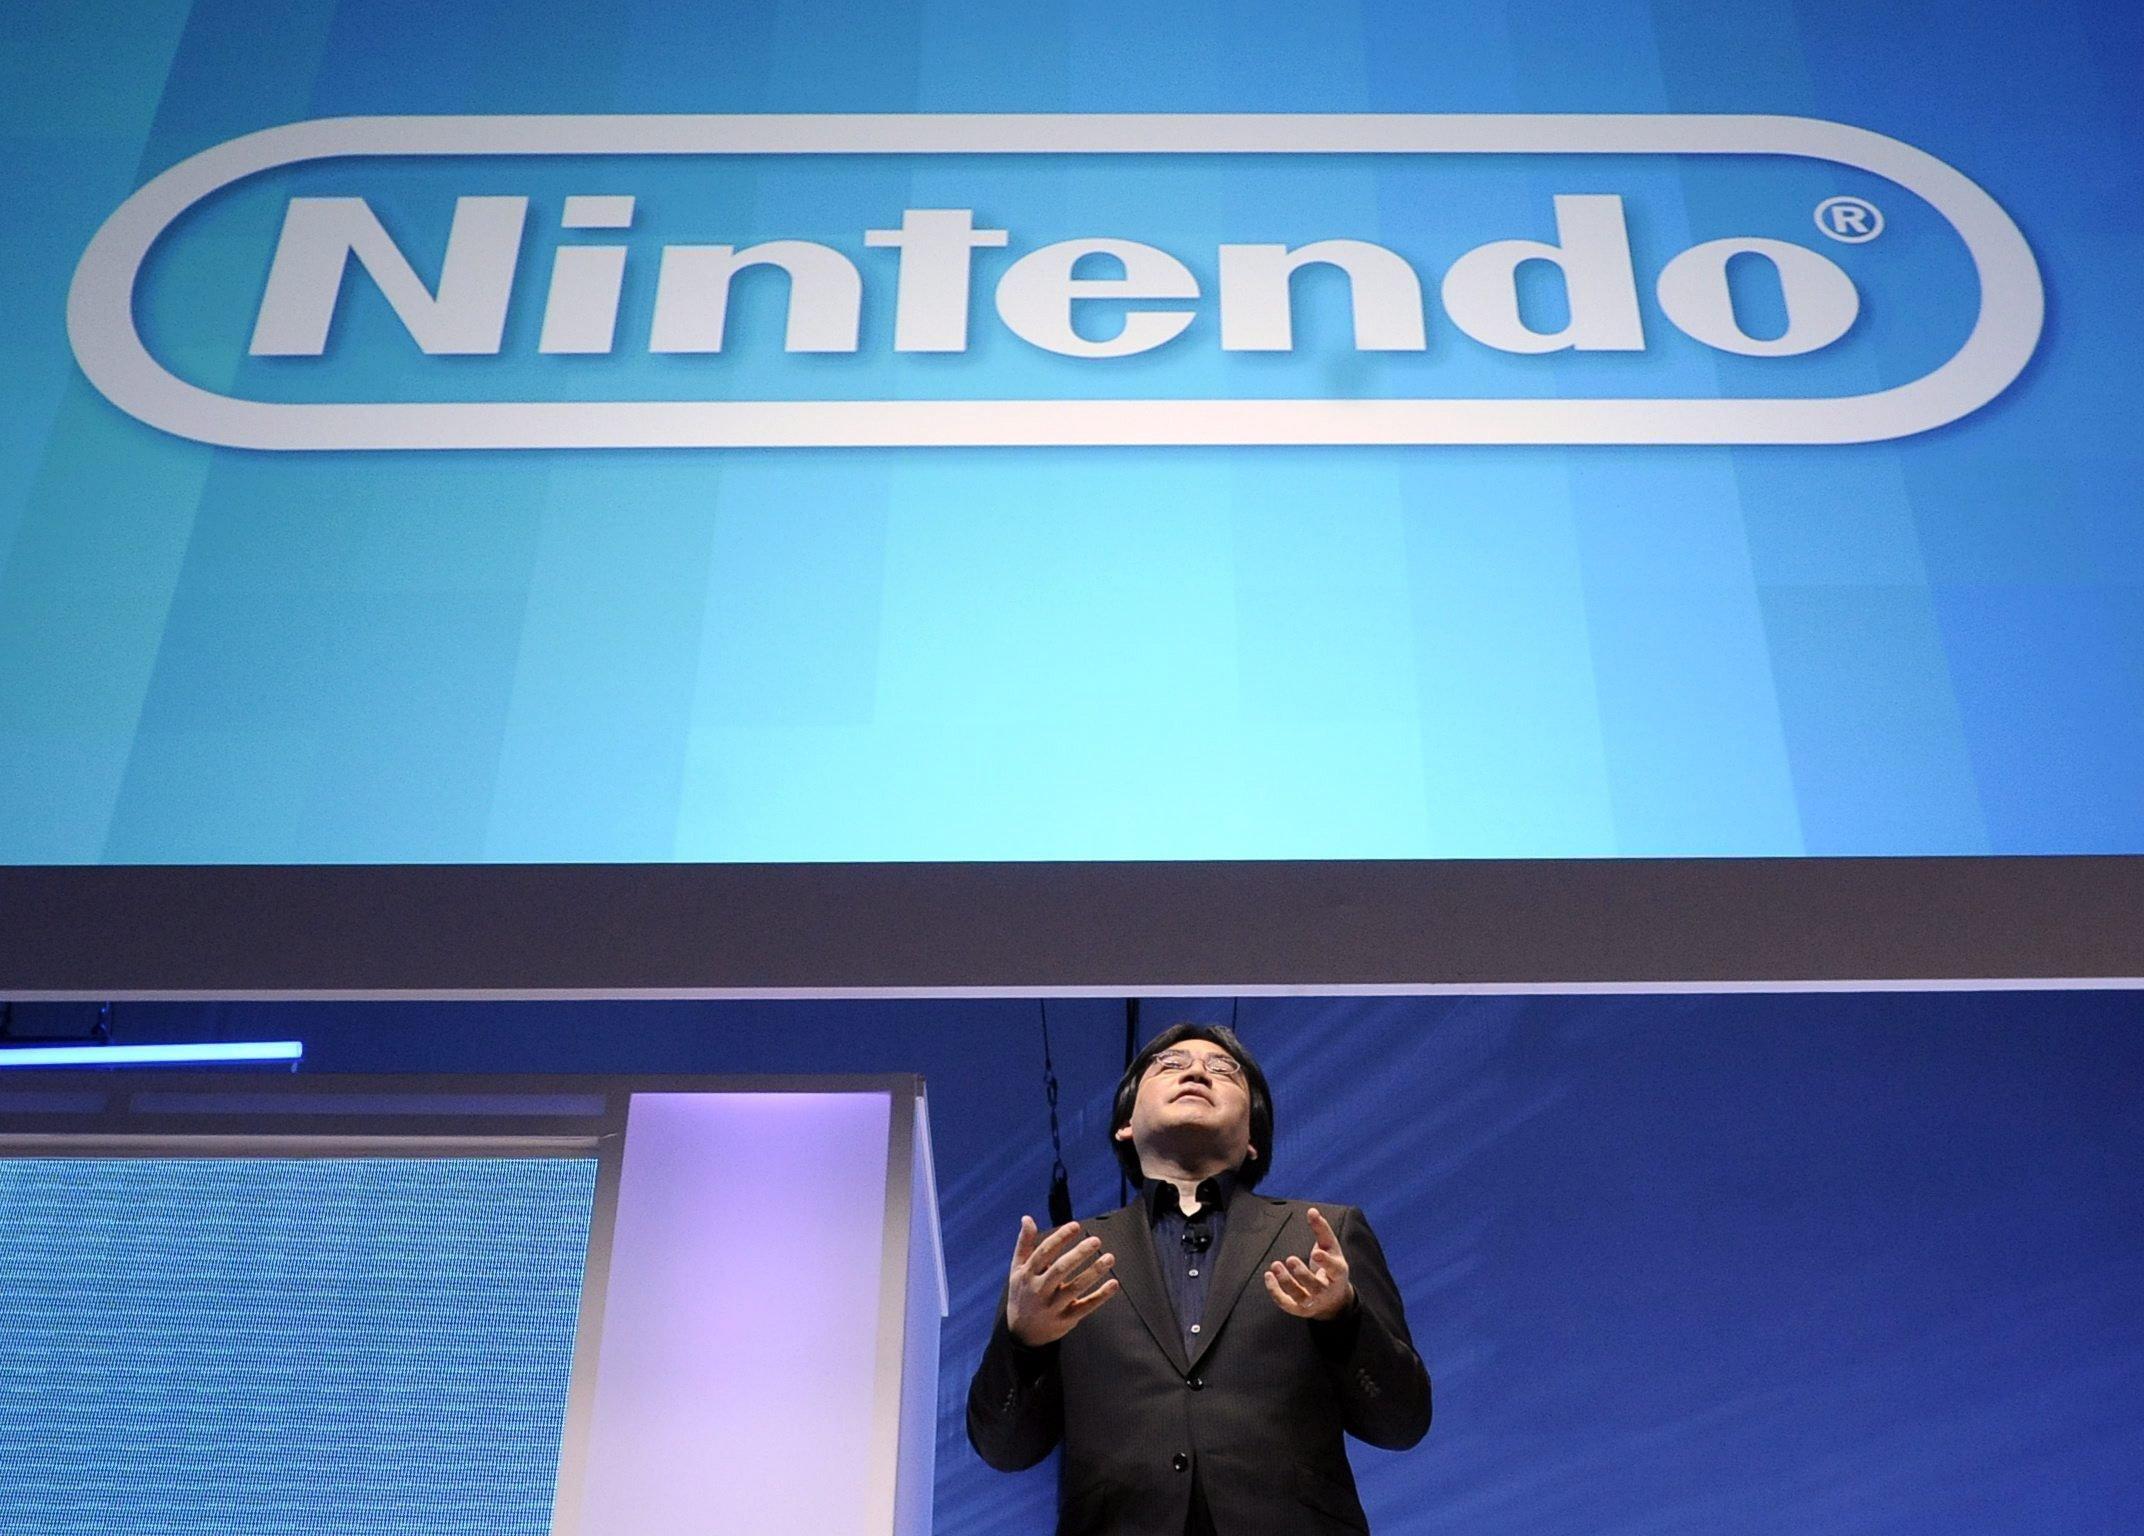 Nintendo-Chef Satoru Iwata ist im Alter von nur 55 Jahren gestorben. Er brachte die Wii und den Nintendo DS in die Kinderzimmer der Welt.